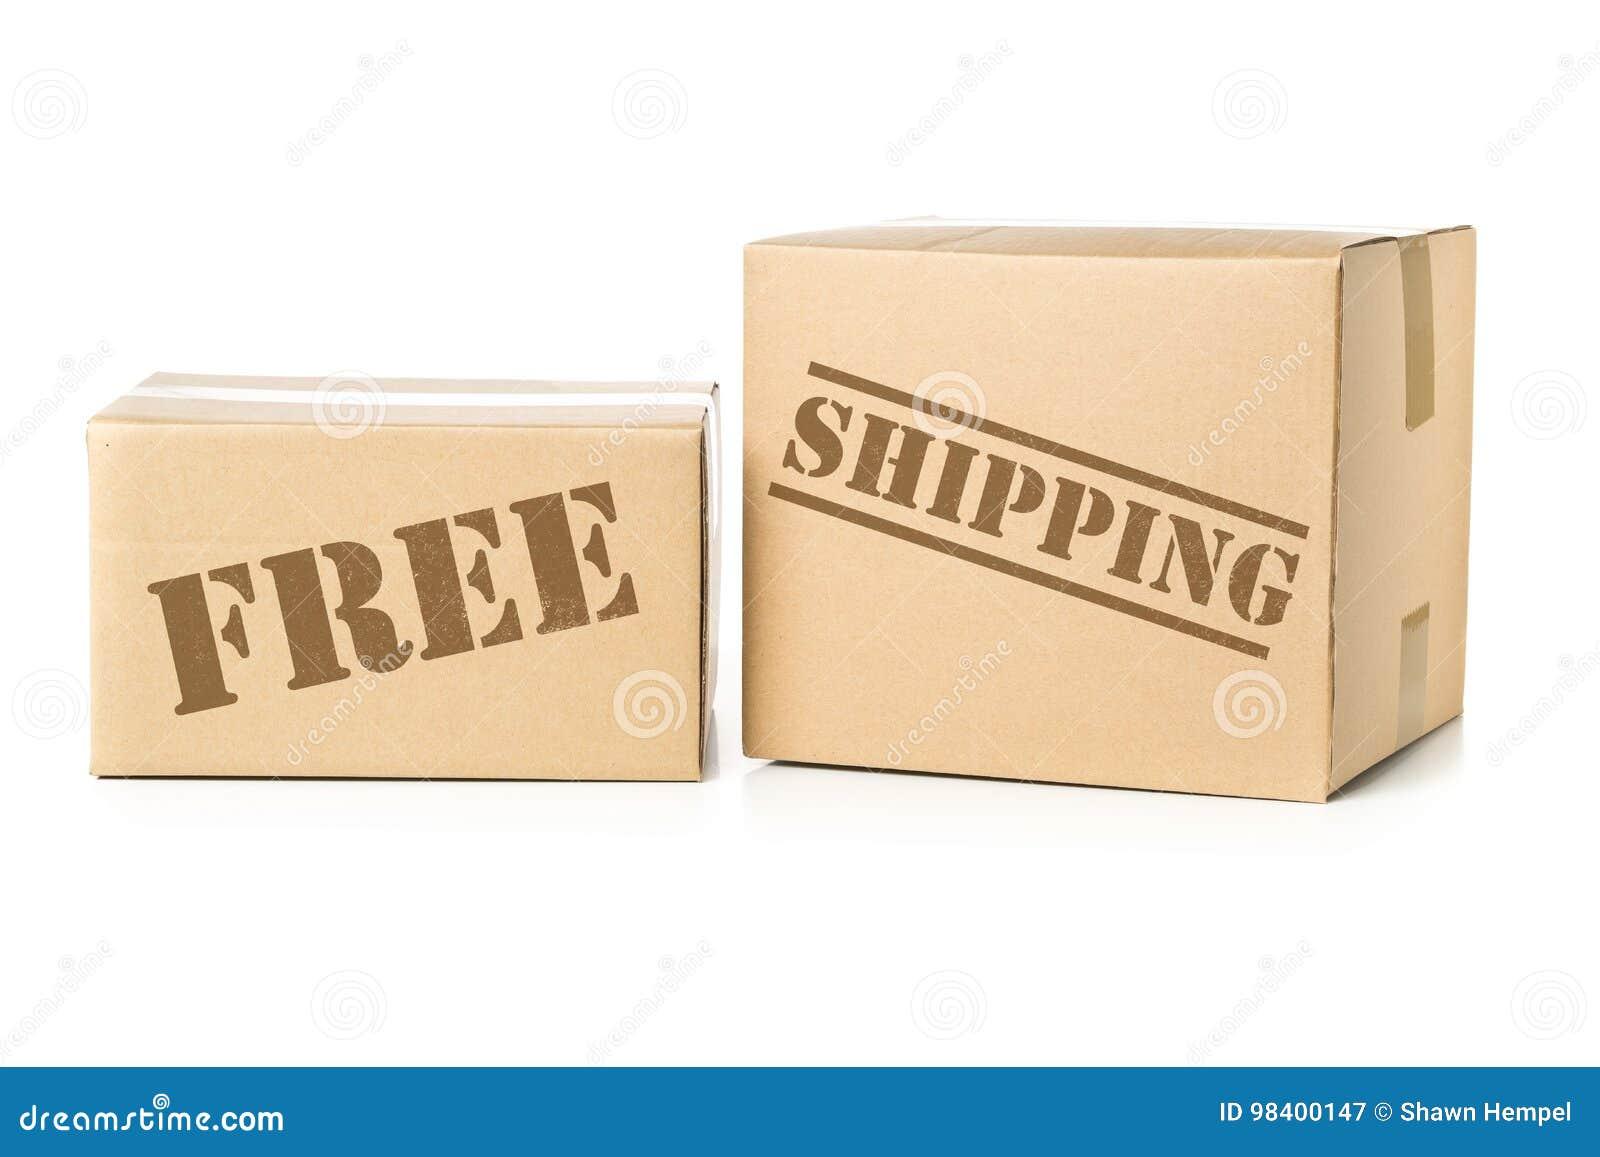 Δύο δέματα χαρτοκιβωτίων με την ελεύθερη στέλνοντας σφραγίδα